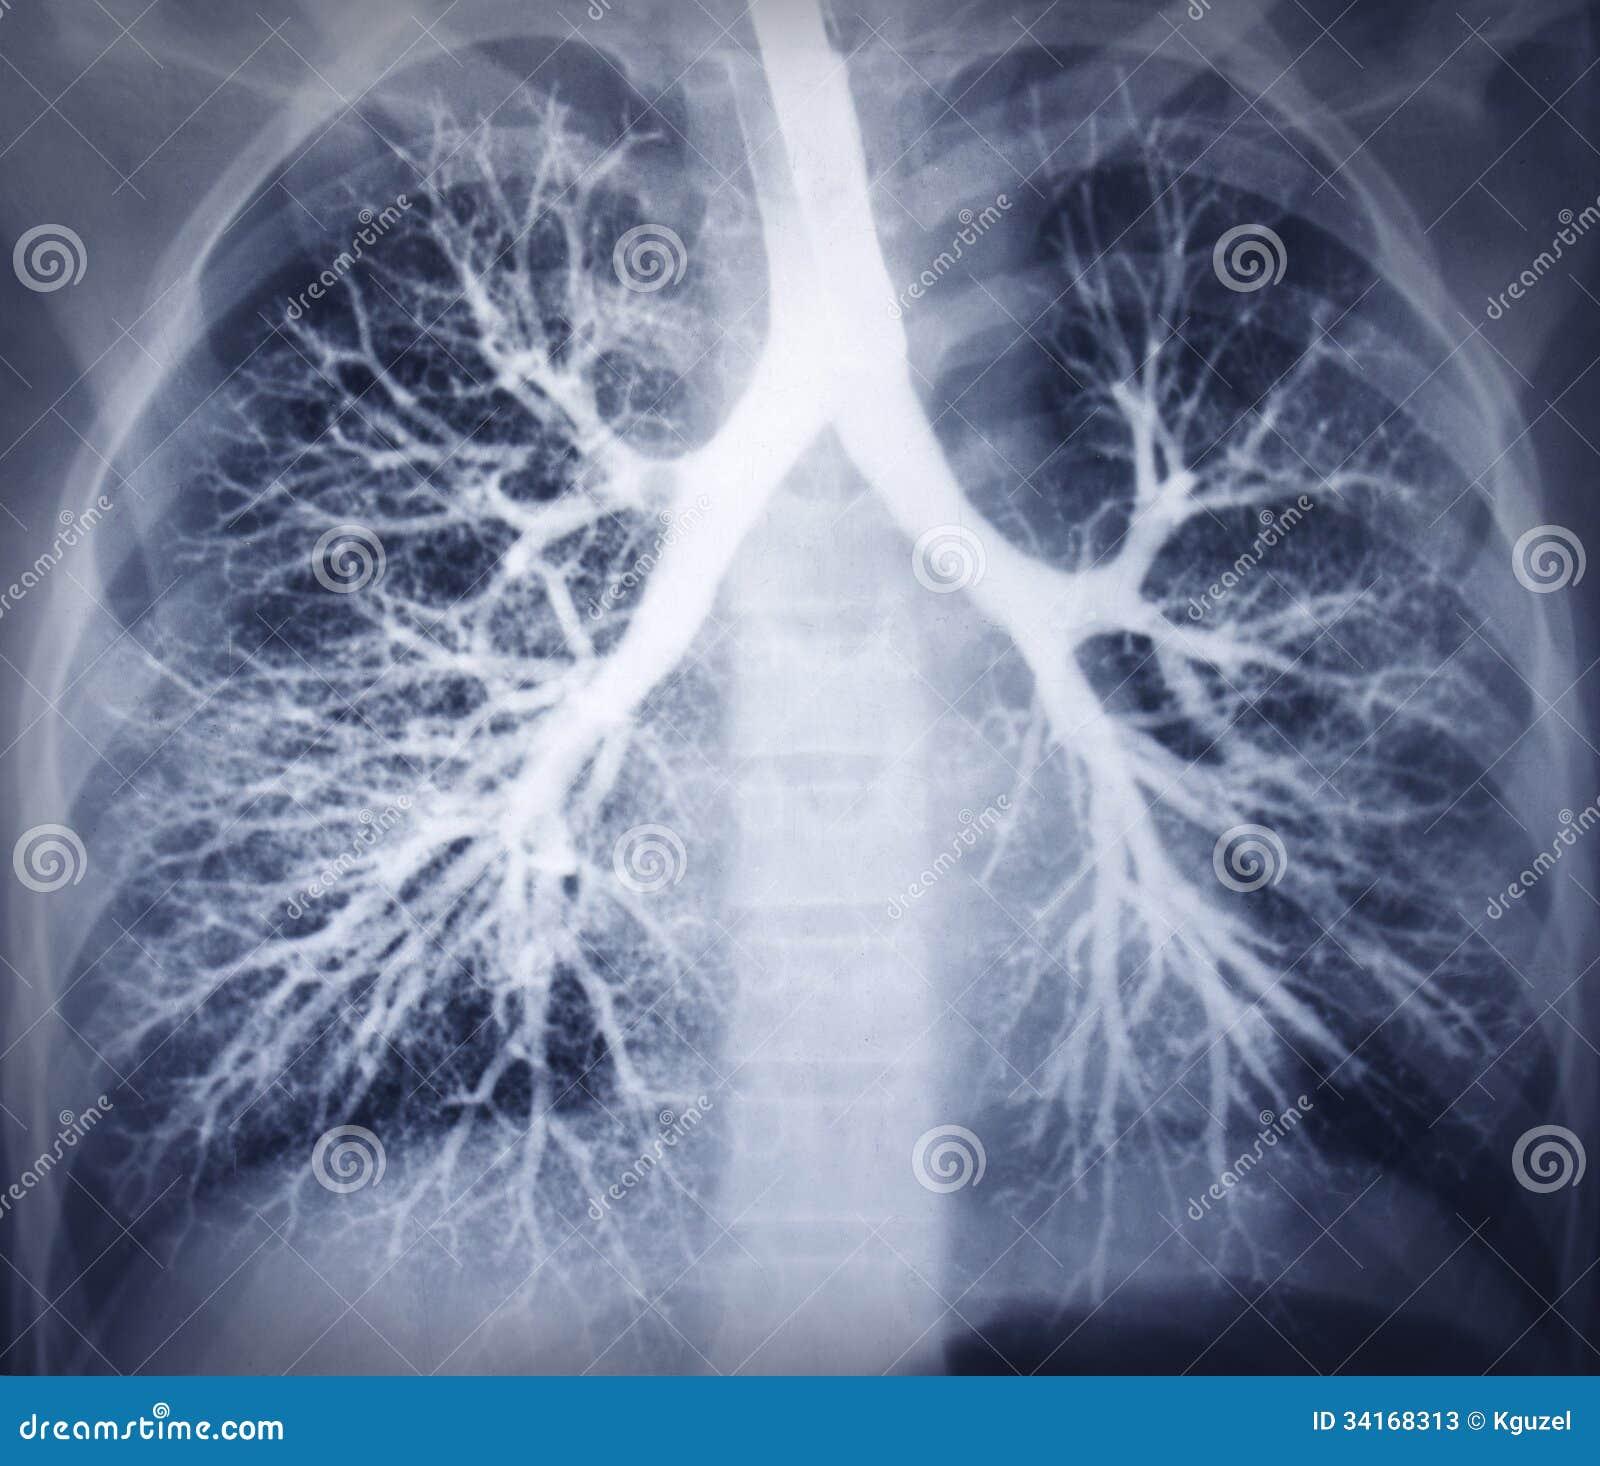 Immagine del Bronchoscopy. Esame radiografico del torace. Polmoni sani